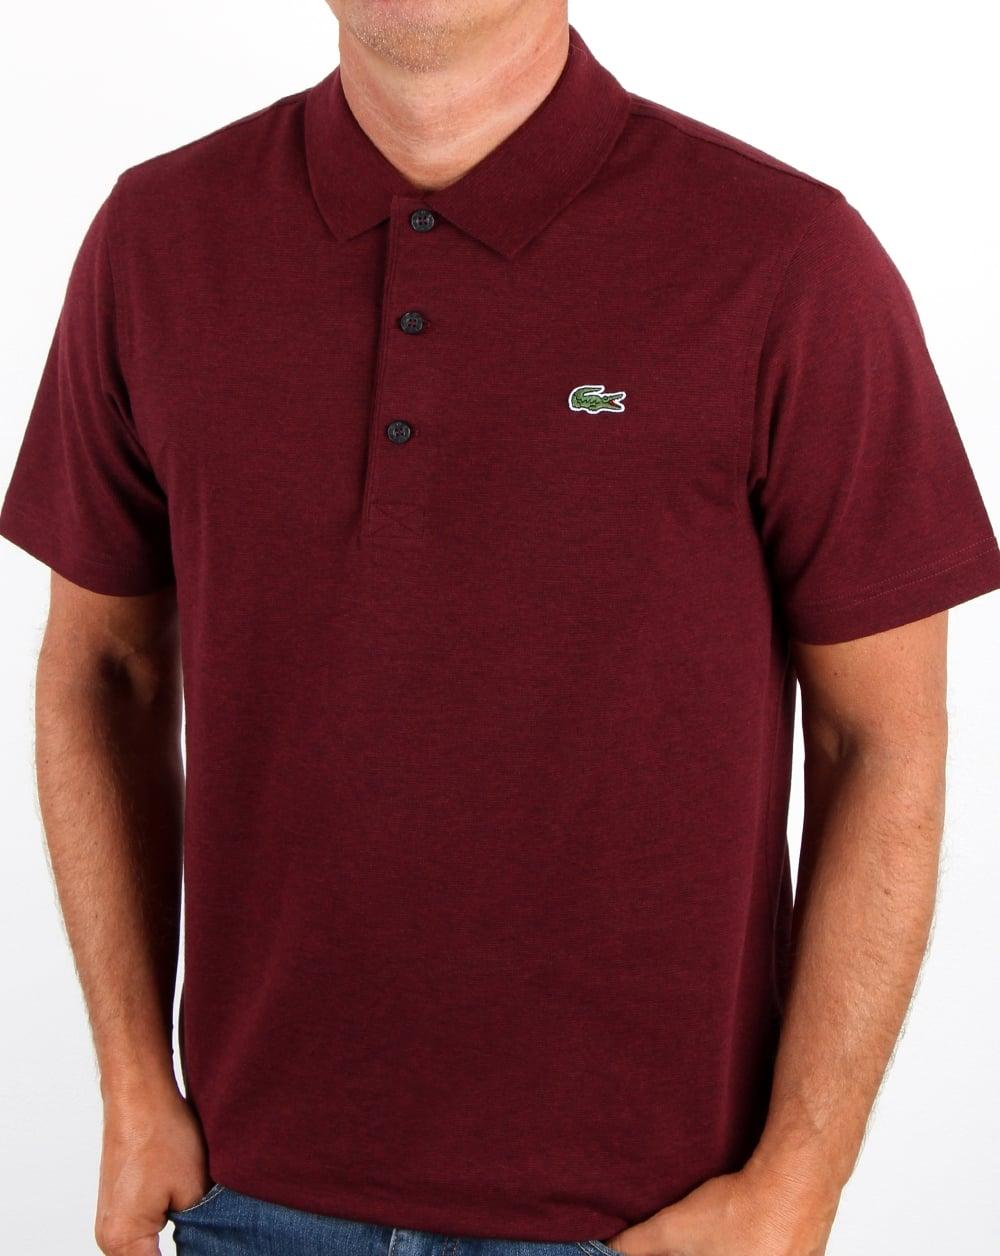 Lacoste Shirt Vine Polo Grape nPwO80kX